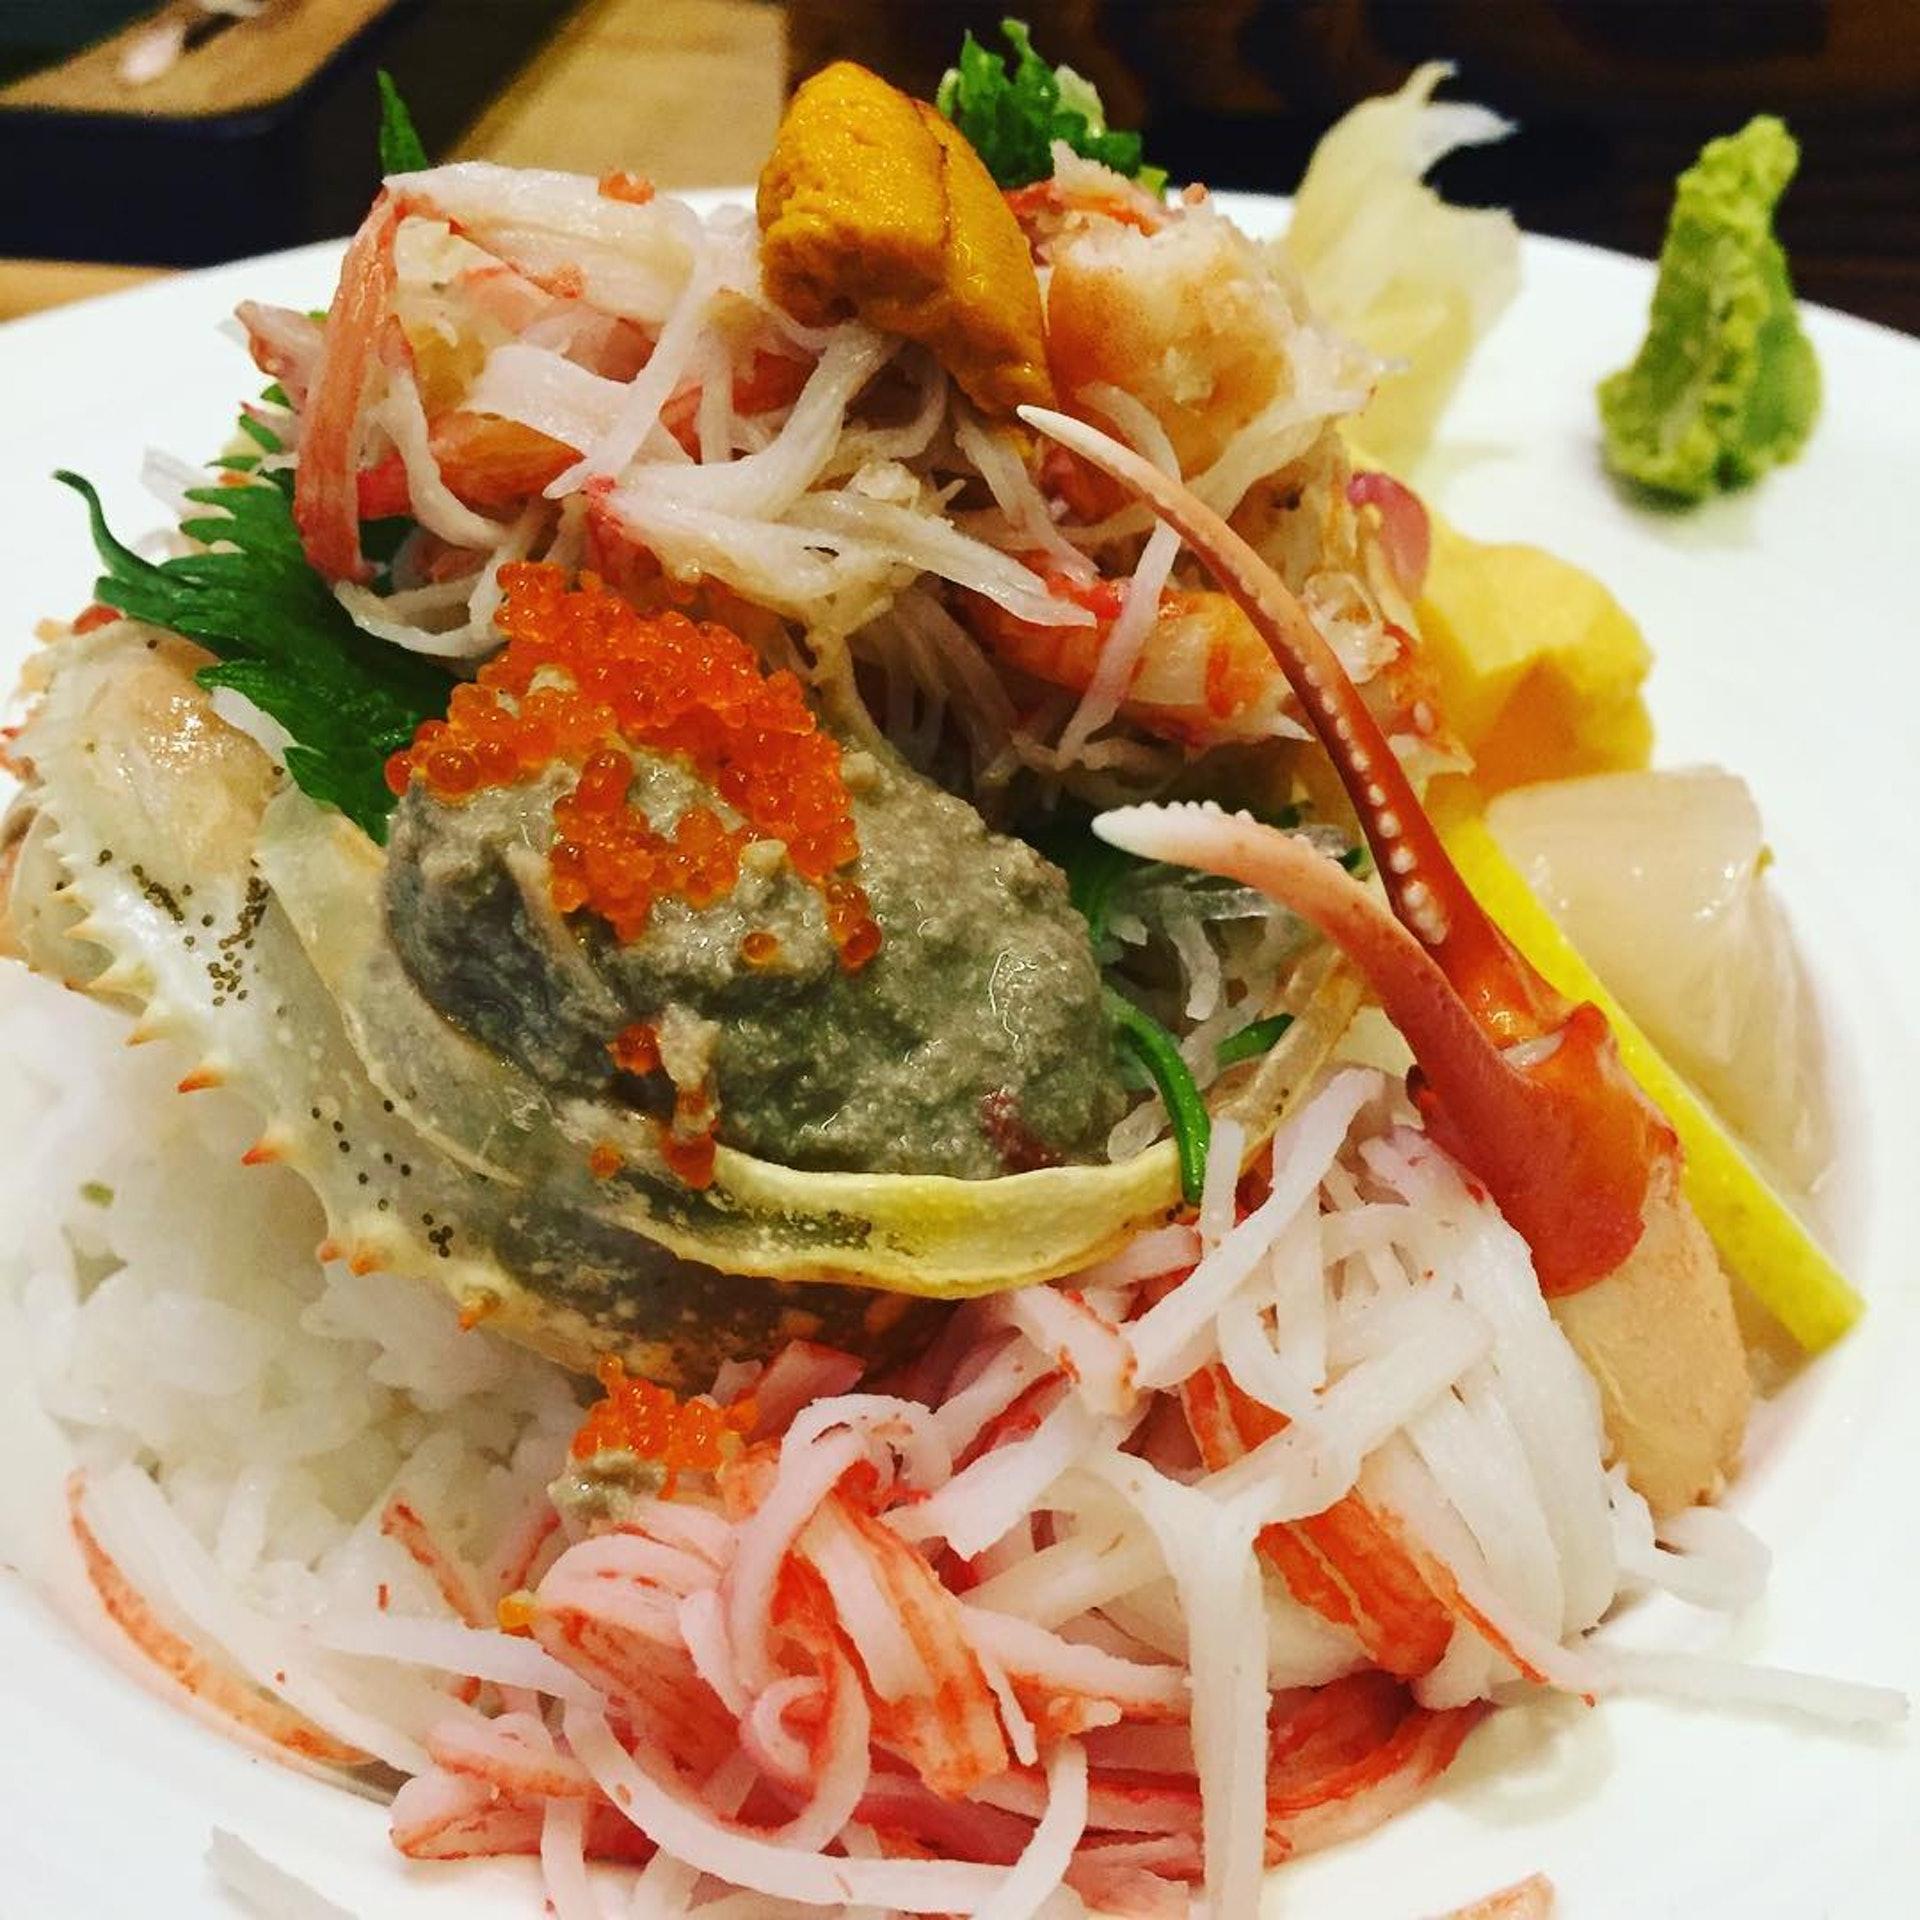 【2】初見創作料理:食物都像藝術品般的日式餐廳(Instagram @shanshanlovefood)